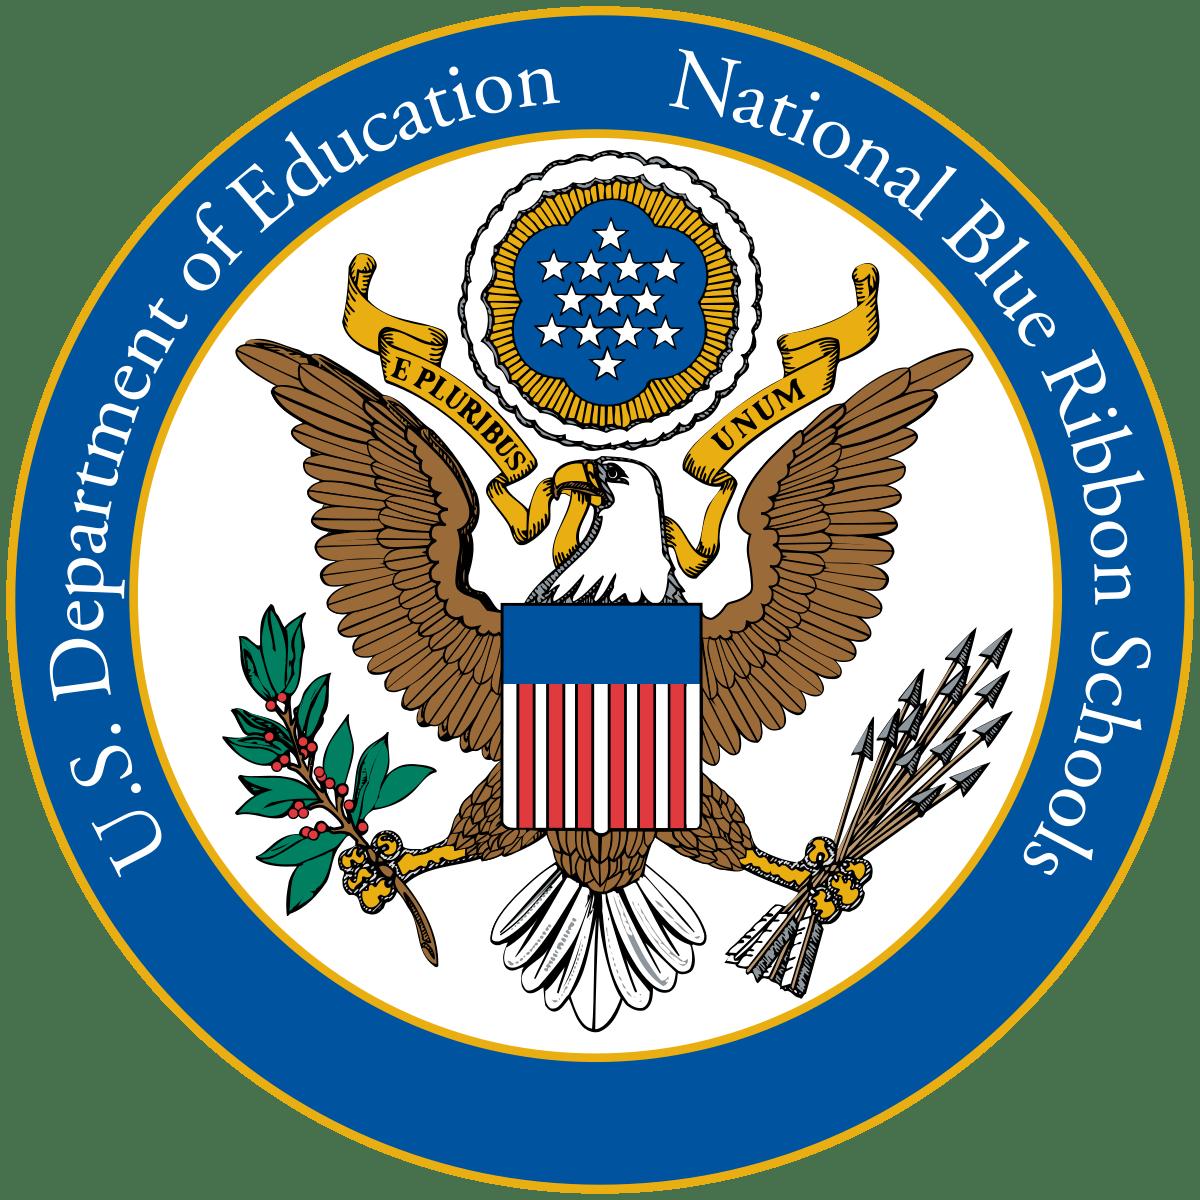 Six MD Public Schools Named National Blue Ribbon Schools